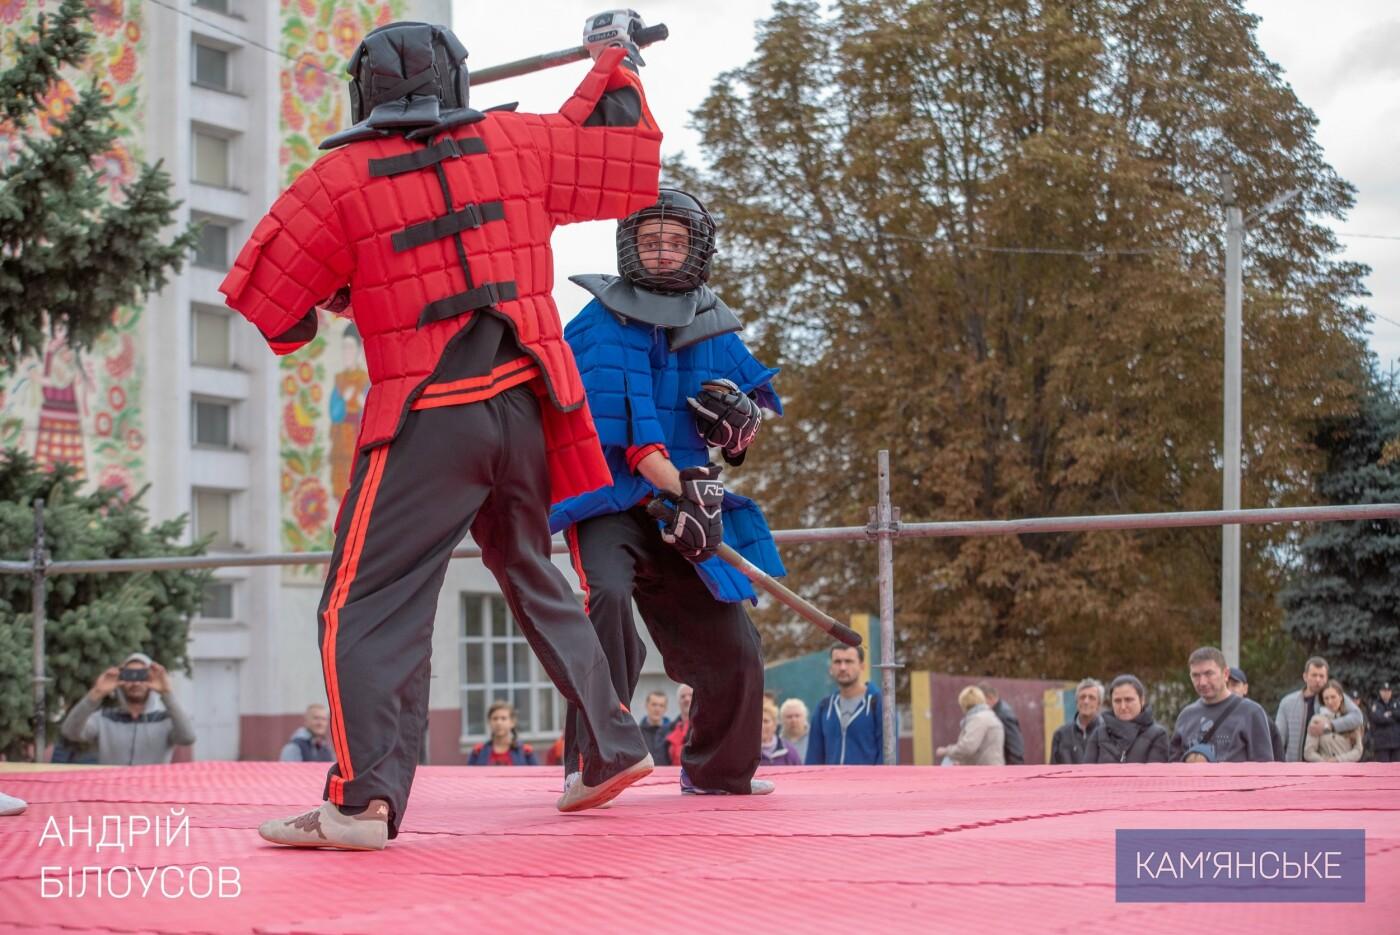 В Каменском состоялся фестиваль восточных единоборств, фото-5